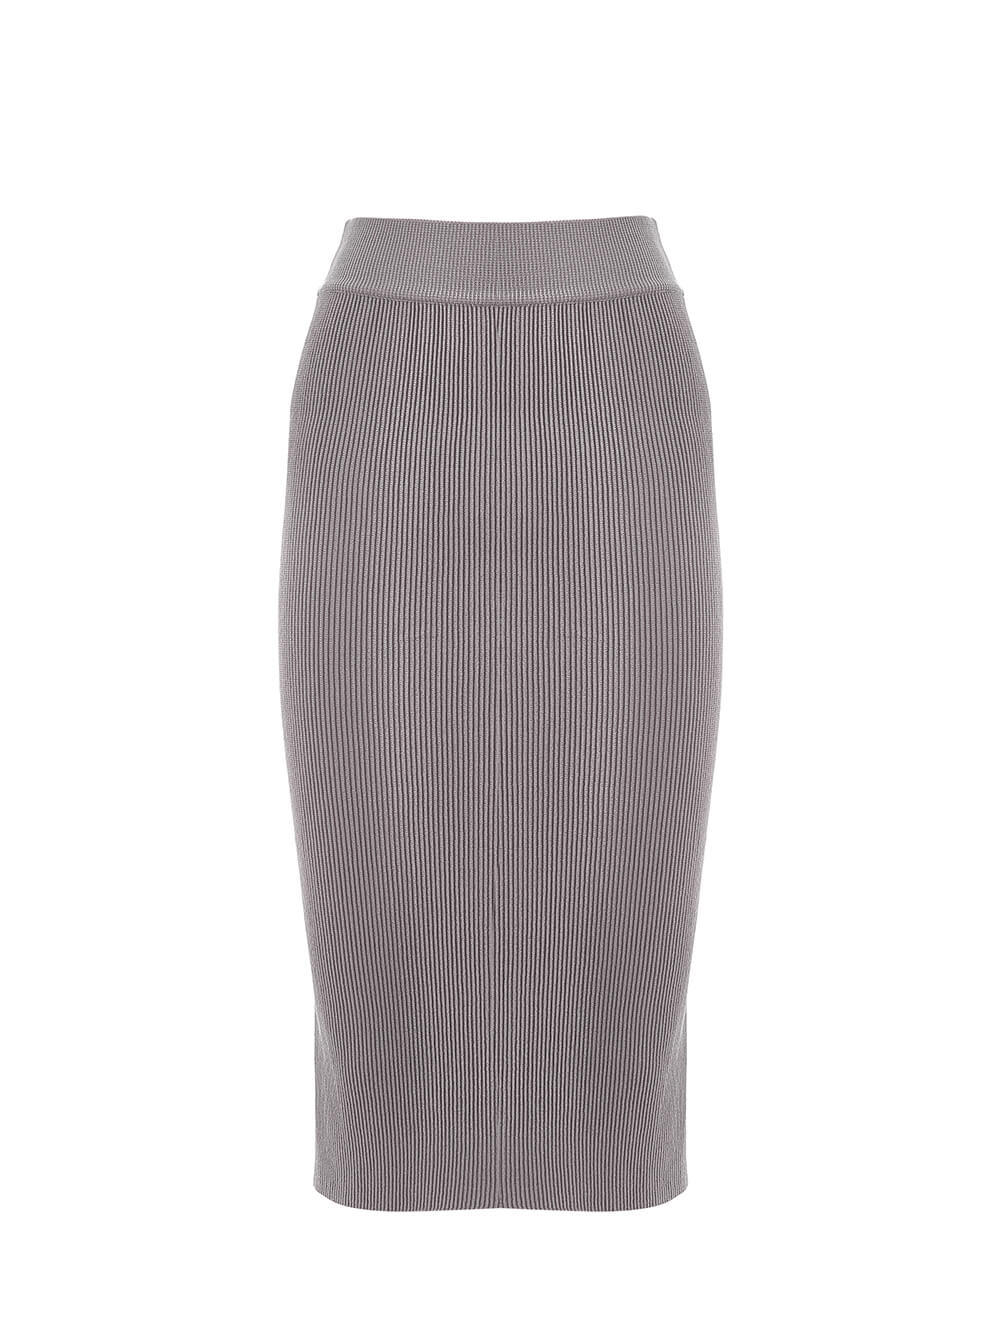 Женская юбка серого цвета из шерсти - фото 1